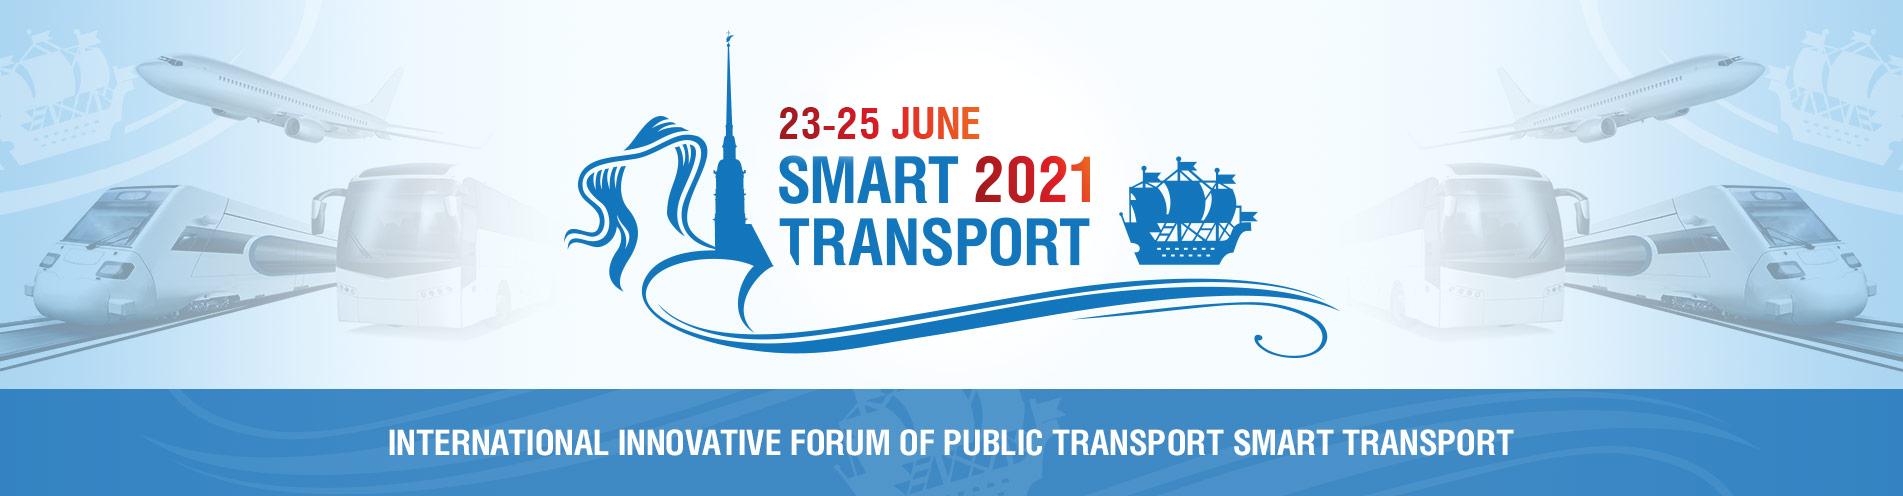 International Innovative Forum of Public Transport Smart Transport